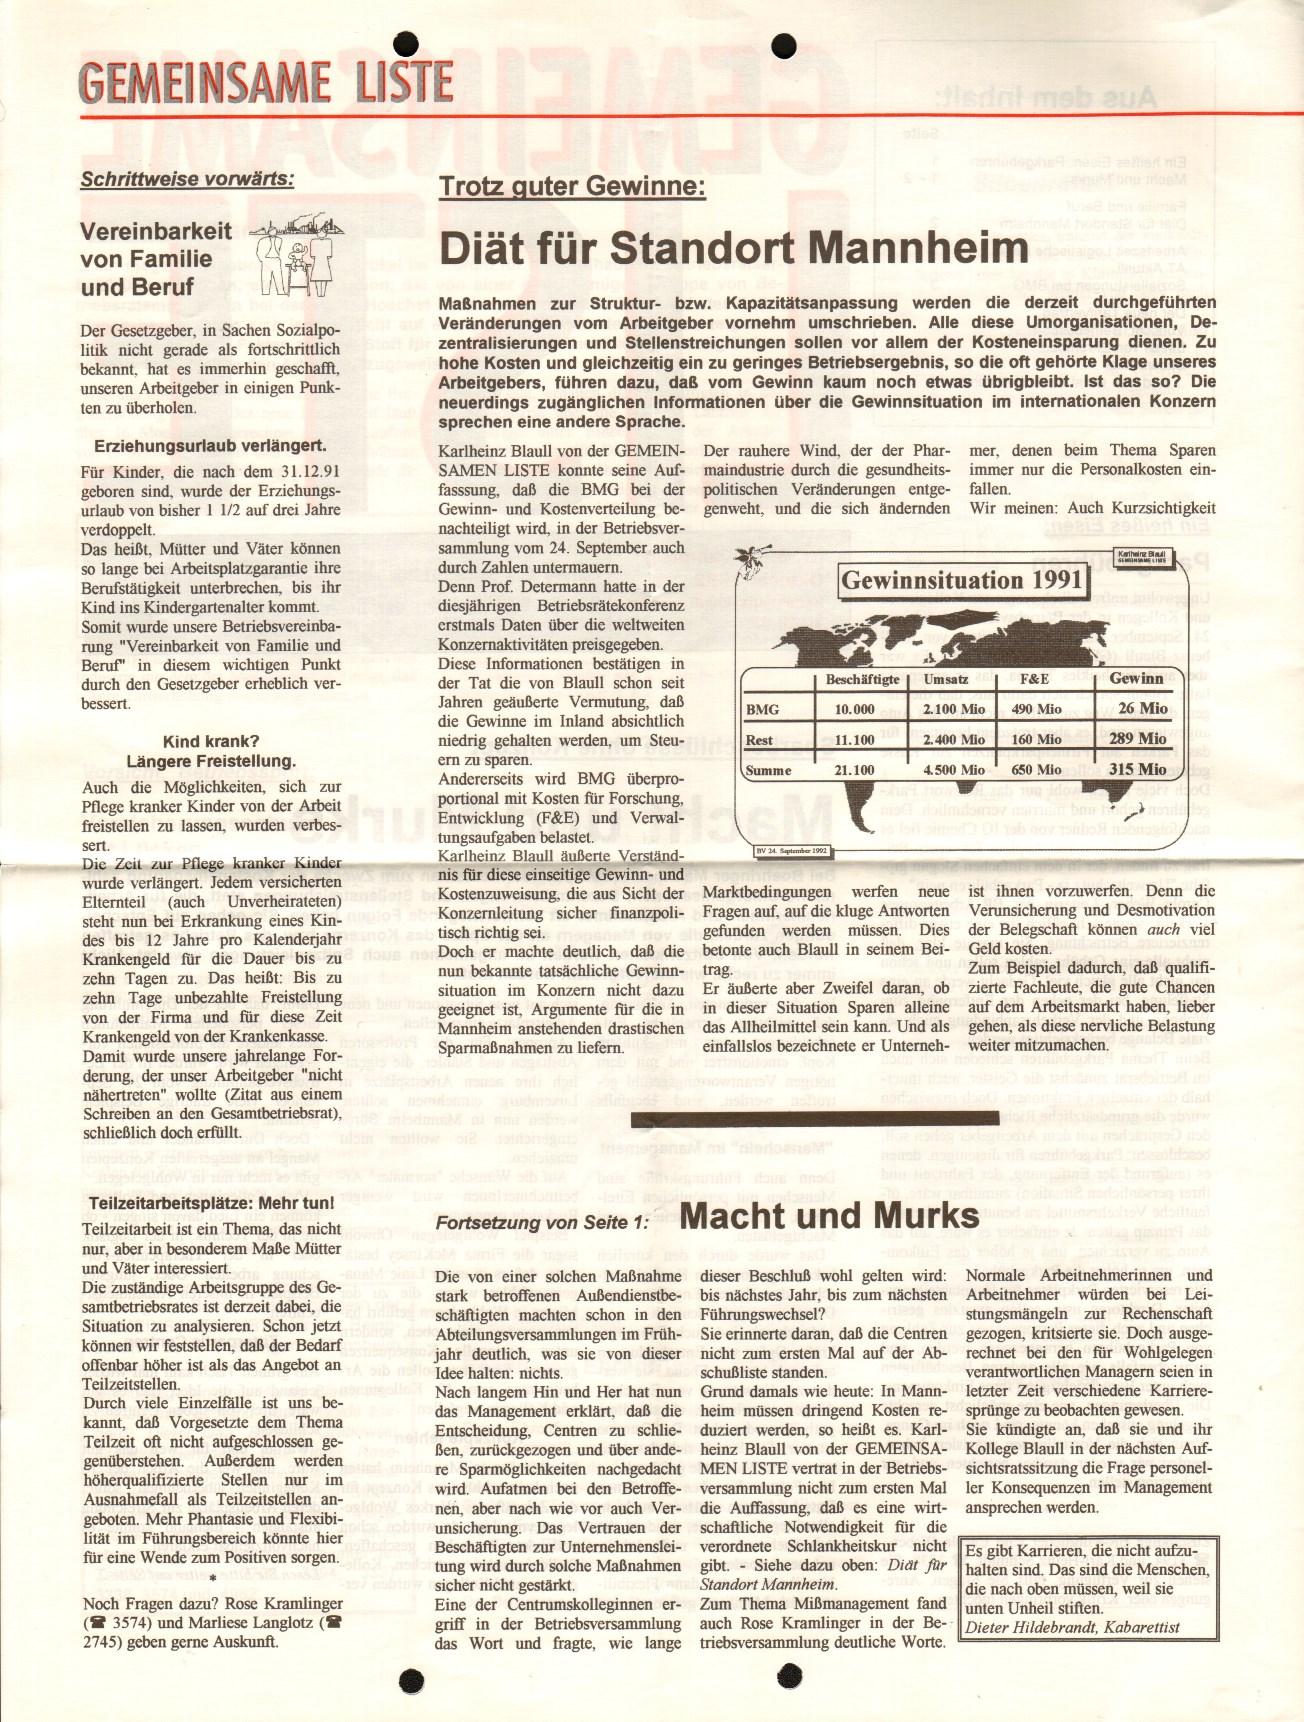 Mannheim_Boehringer_Gemeinsame_Liste_1992_03_02